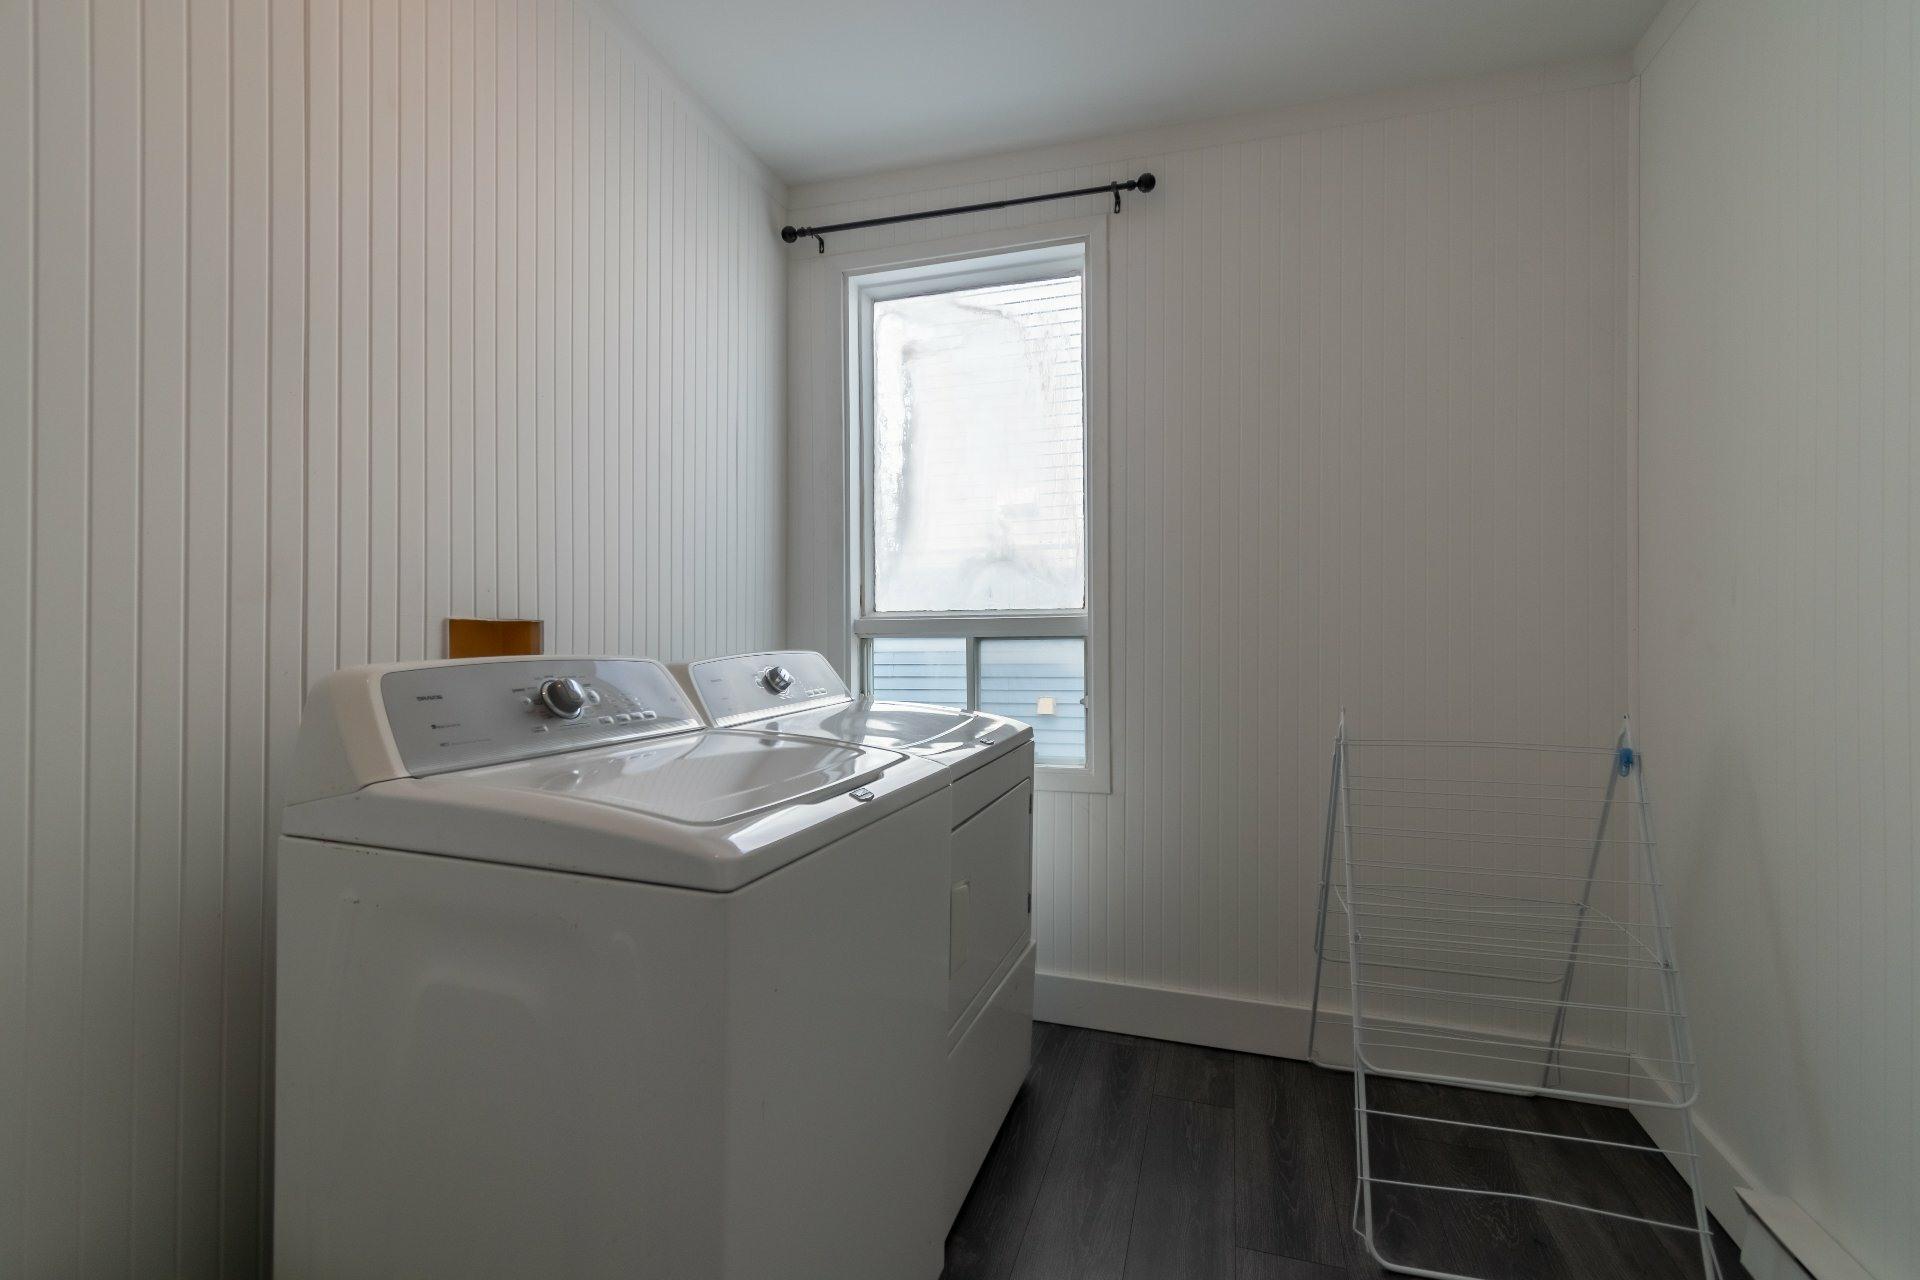 image 24 - Duplex For sale Trois-Rivières - 4 rooms